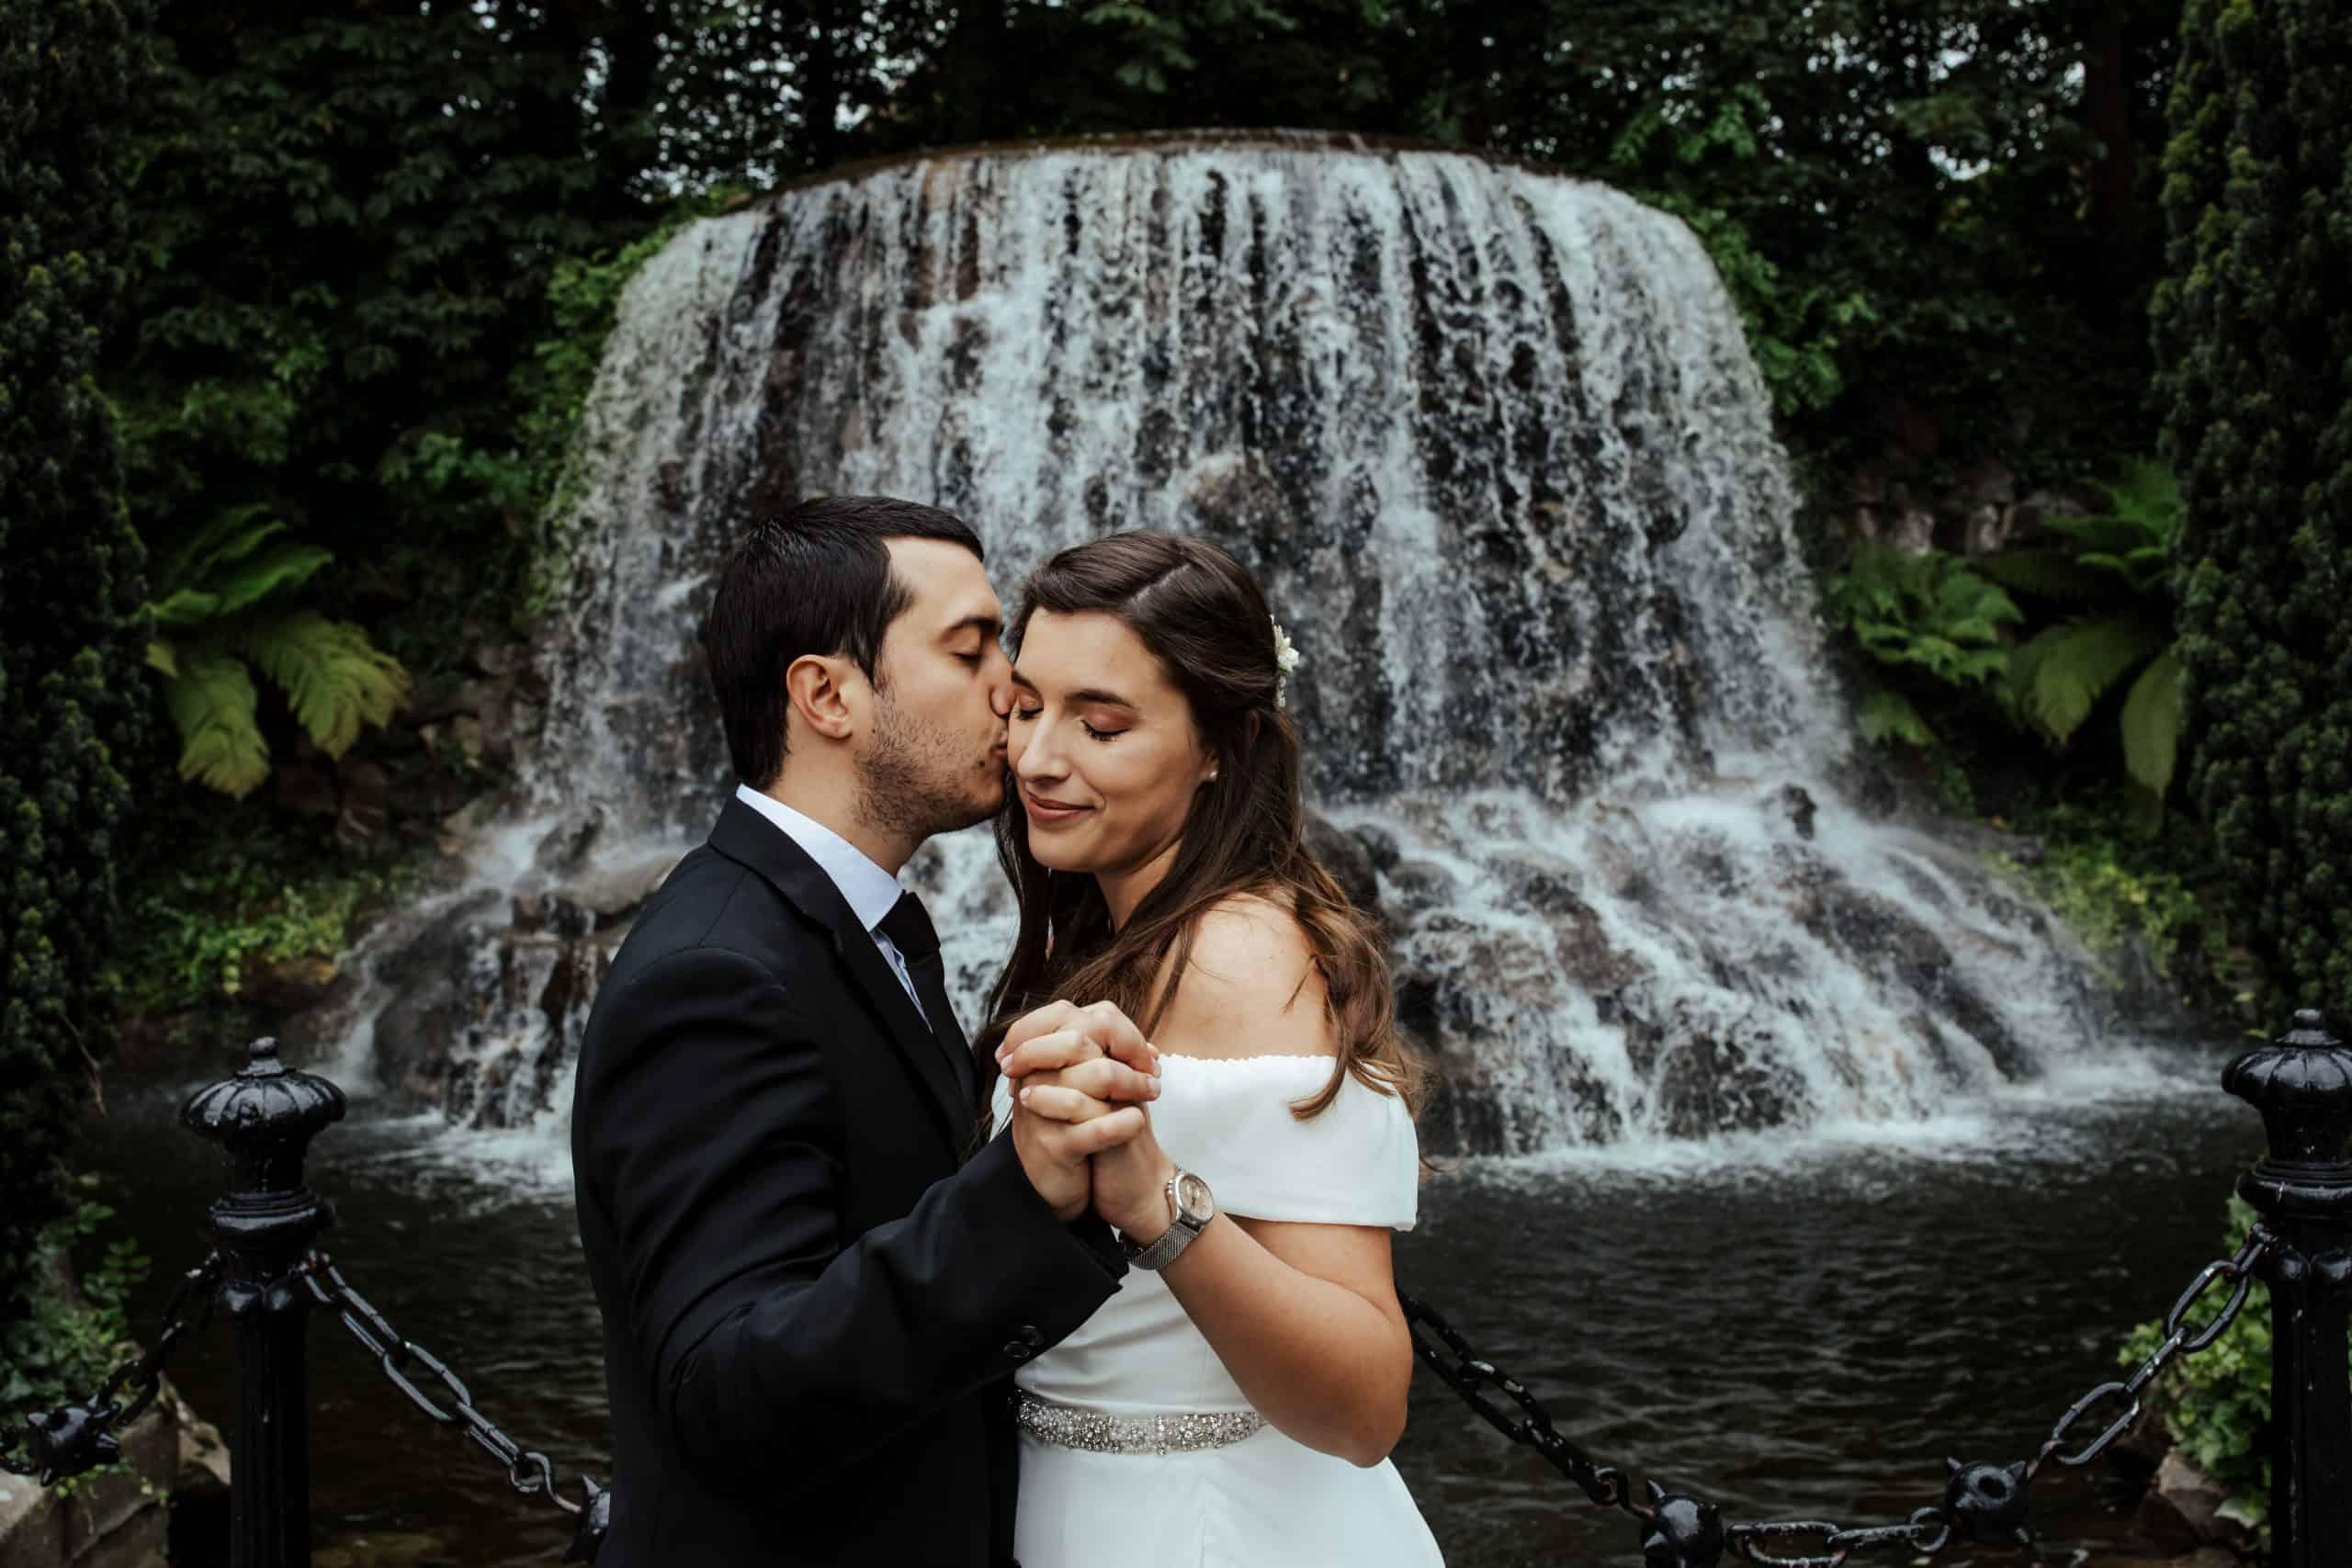 wedding photos at iveagh gardens dublin